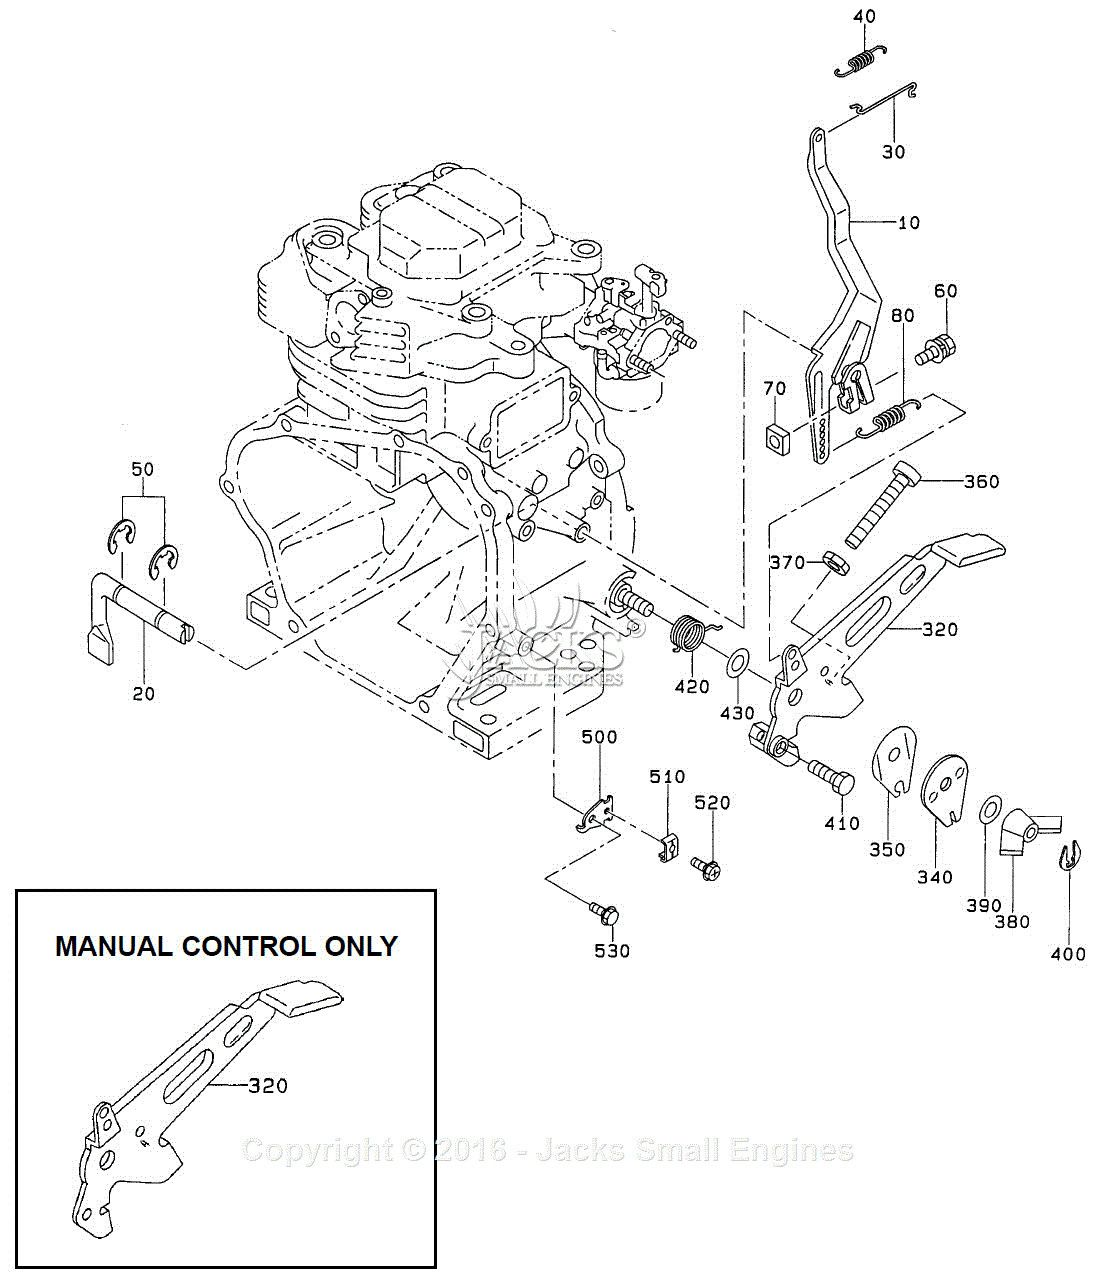 50 Subaru Engine Parts Diagram Mq9c Di